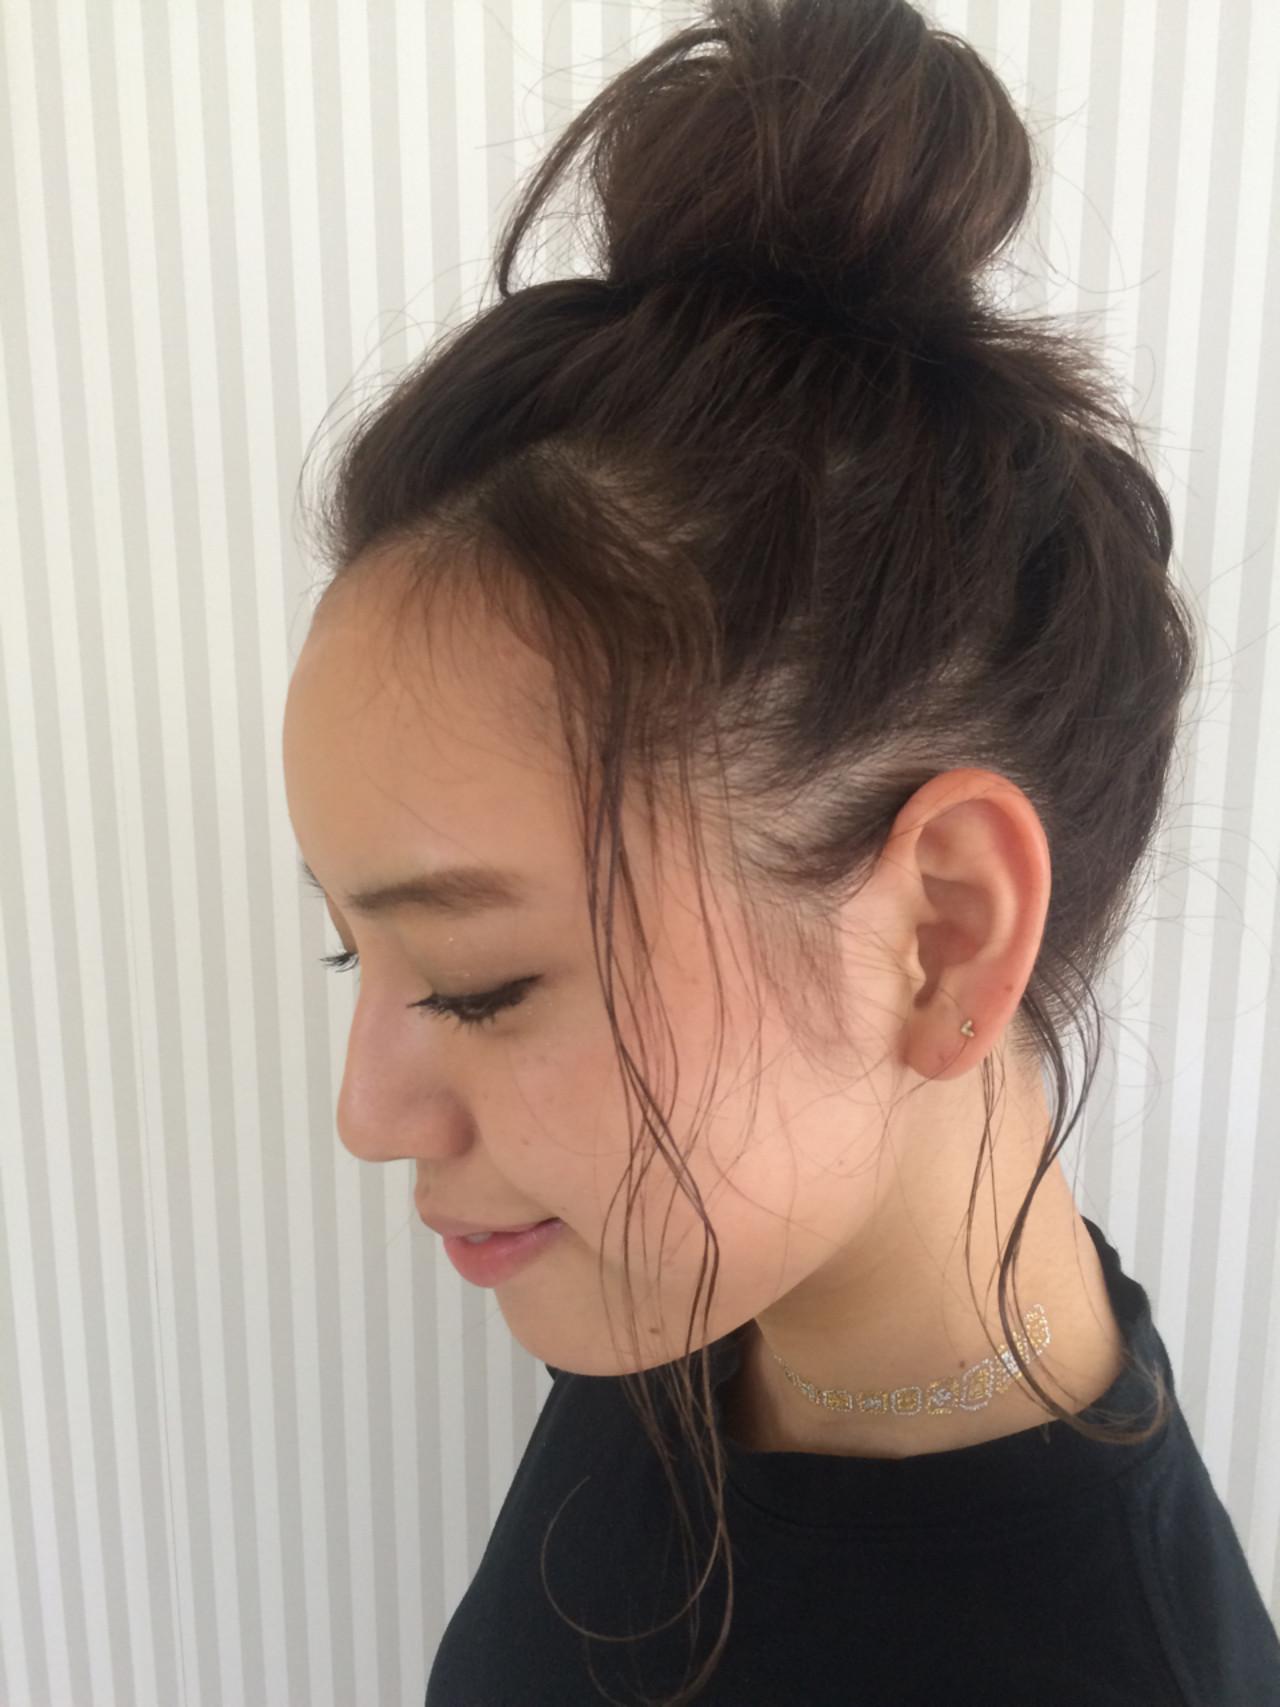 前髪もぐっとまとめて高めおだんごにすると明るい印象に。顔まわりがすっきりとするため、清潔感がりますね。きれいにまとめるときっちりとした仕上がりに、ざっくりとまとめるとこなれ感を演出することができます。